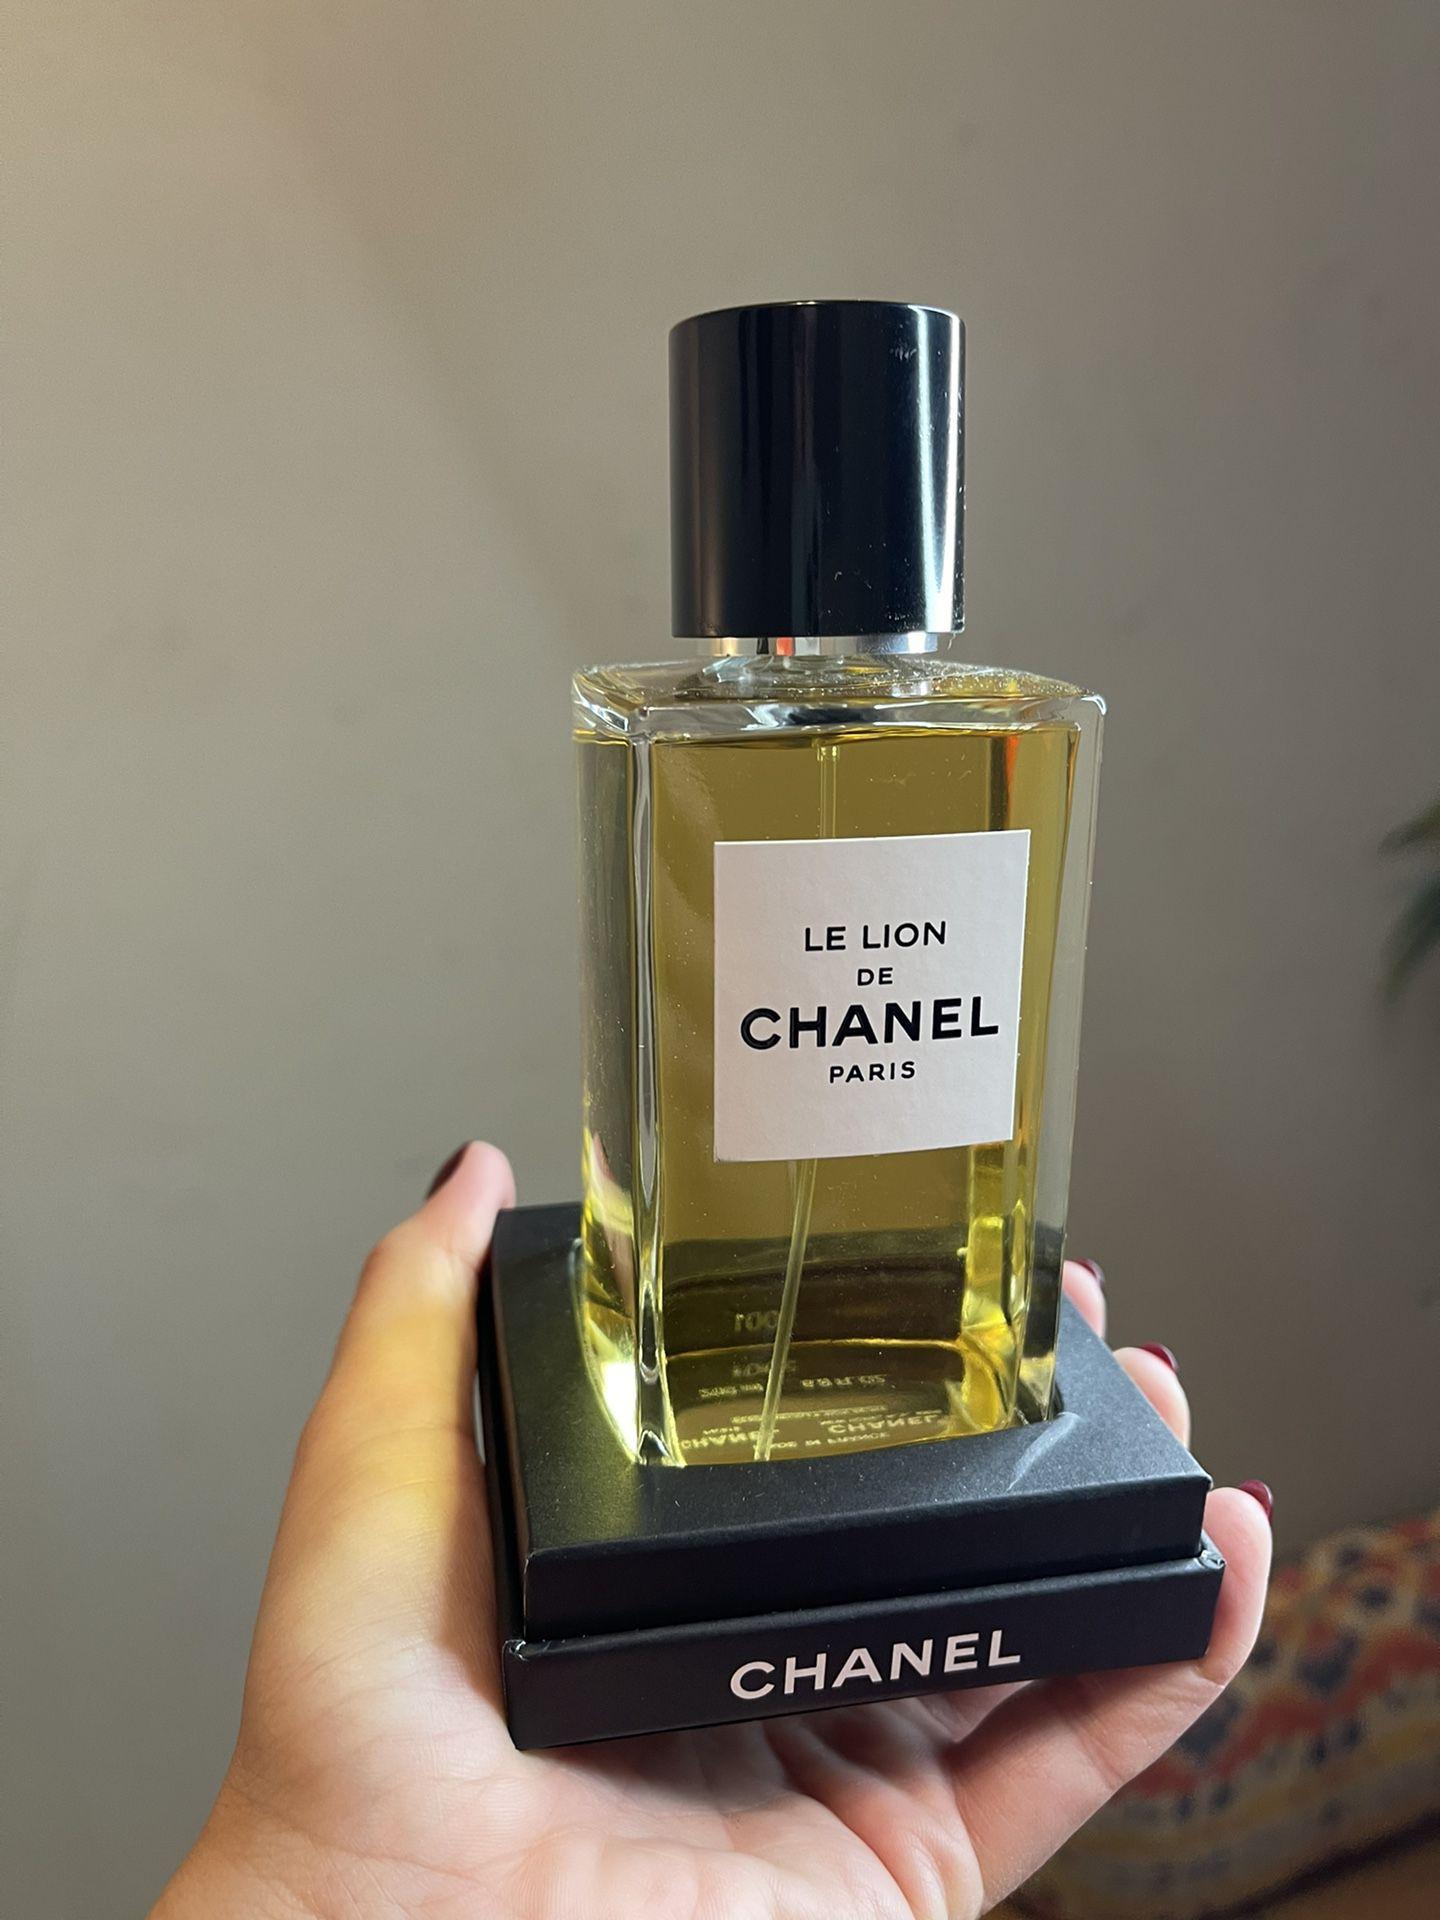 LE LION DE CHANEL Perfume